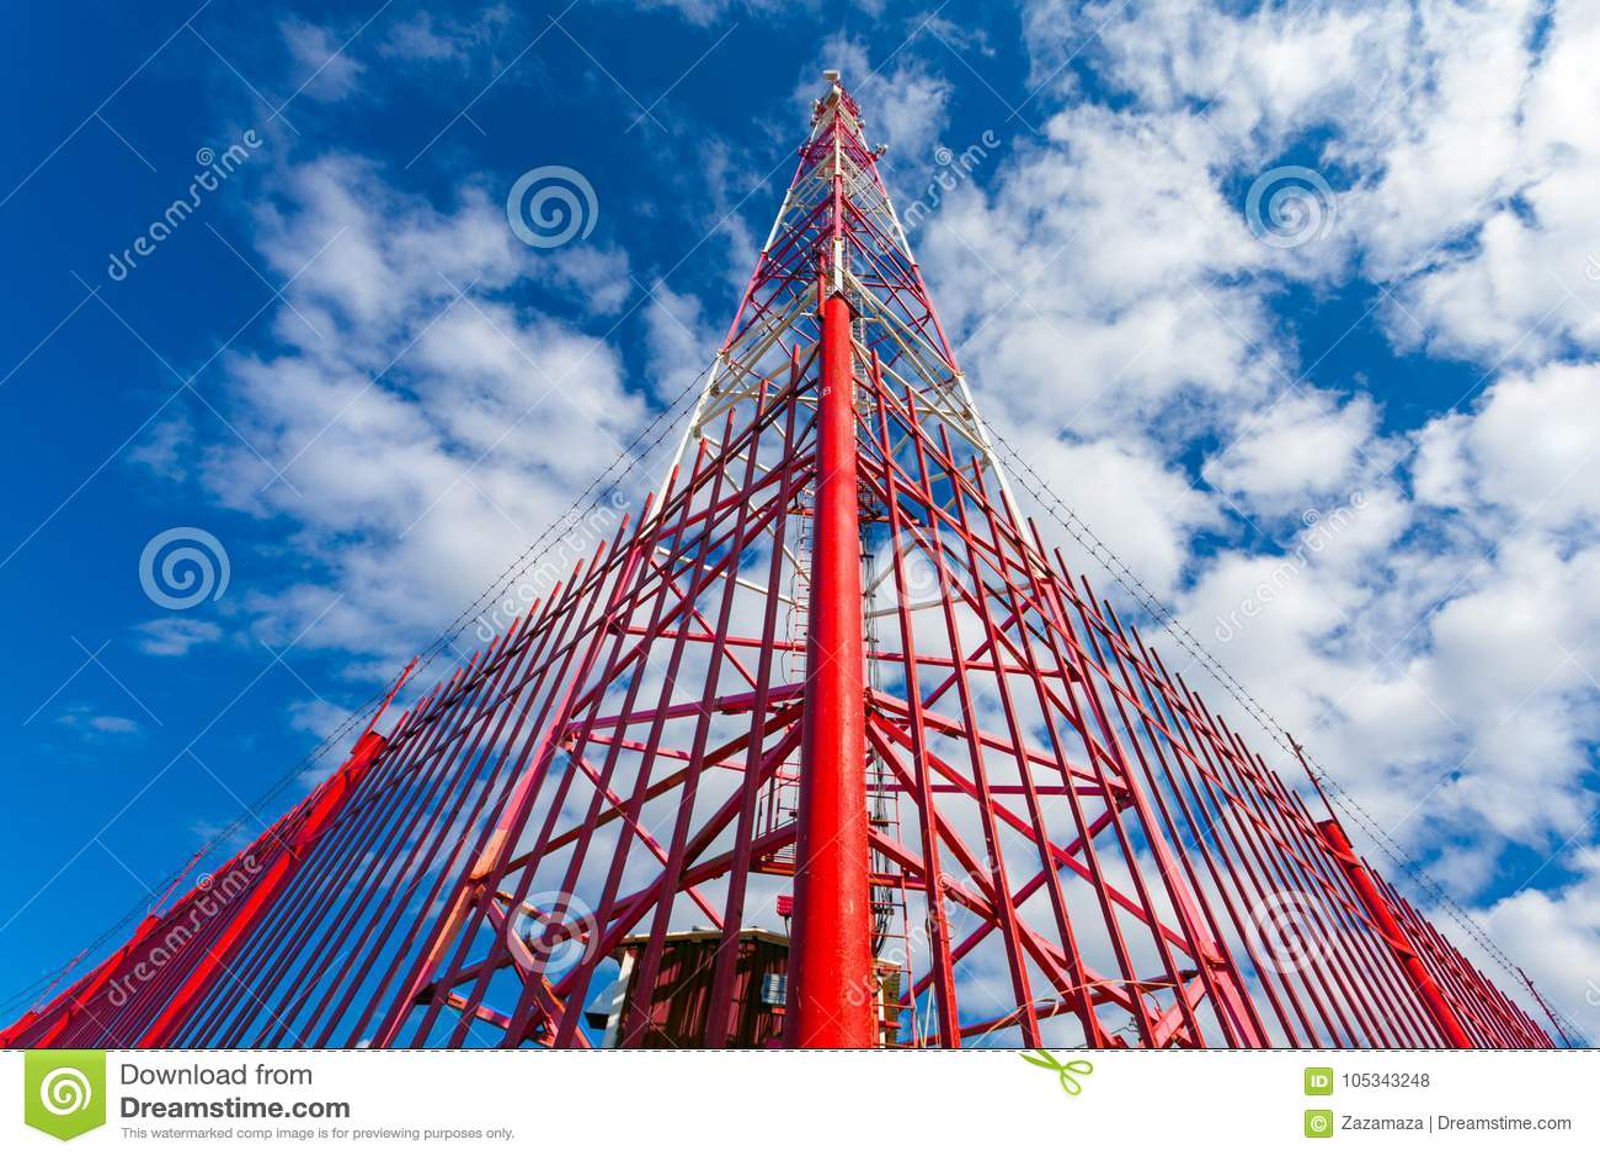 Πύργος τηλεπικοινωνιών με τις κεραίες επιτροπής και τα ραδιο δορυφορικών πιάτα κεραιών και για την κινητή επικοινωνία 2G, 3G, 4G,